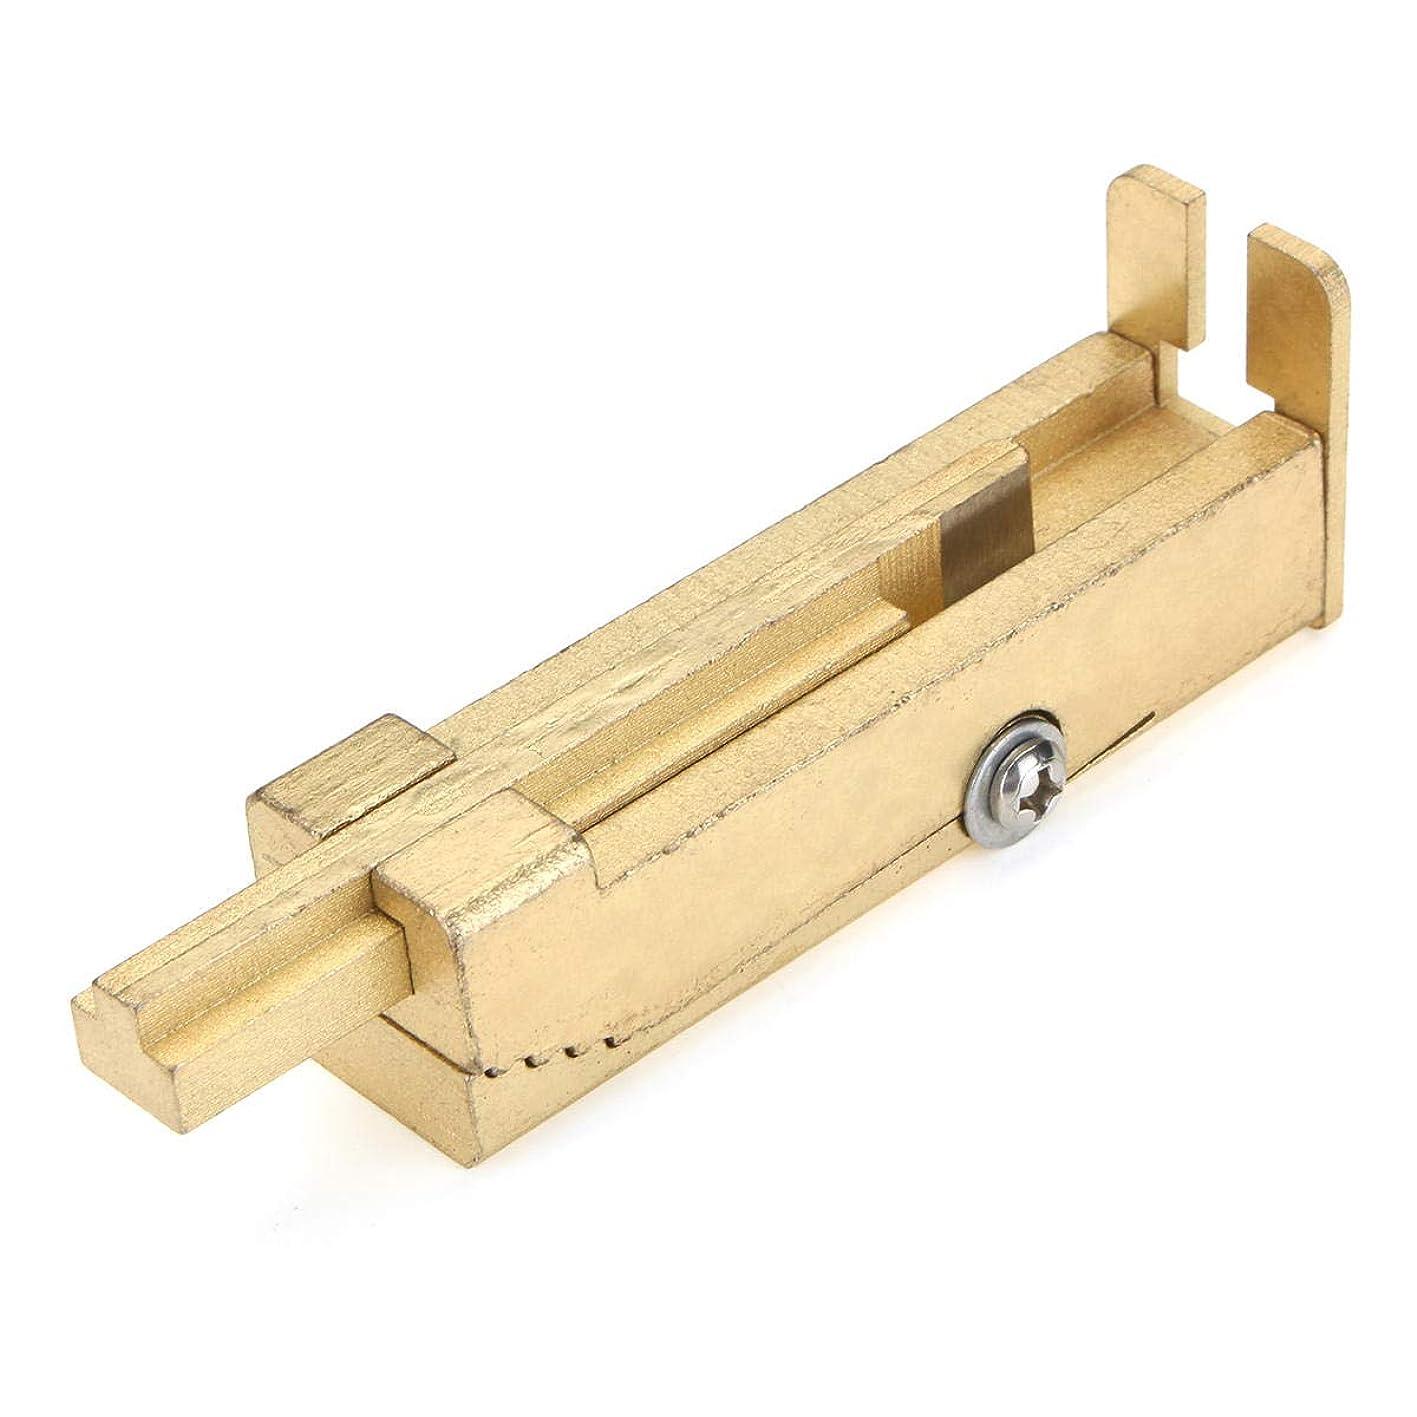 情報冗長ことわざ銅タトゥーマシン春調整アライメントツールゴールデン破片レギュレータ